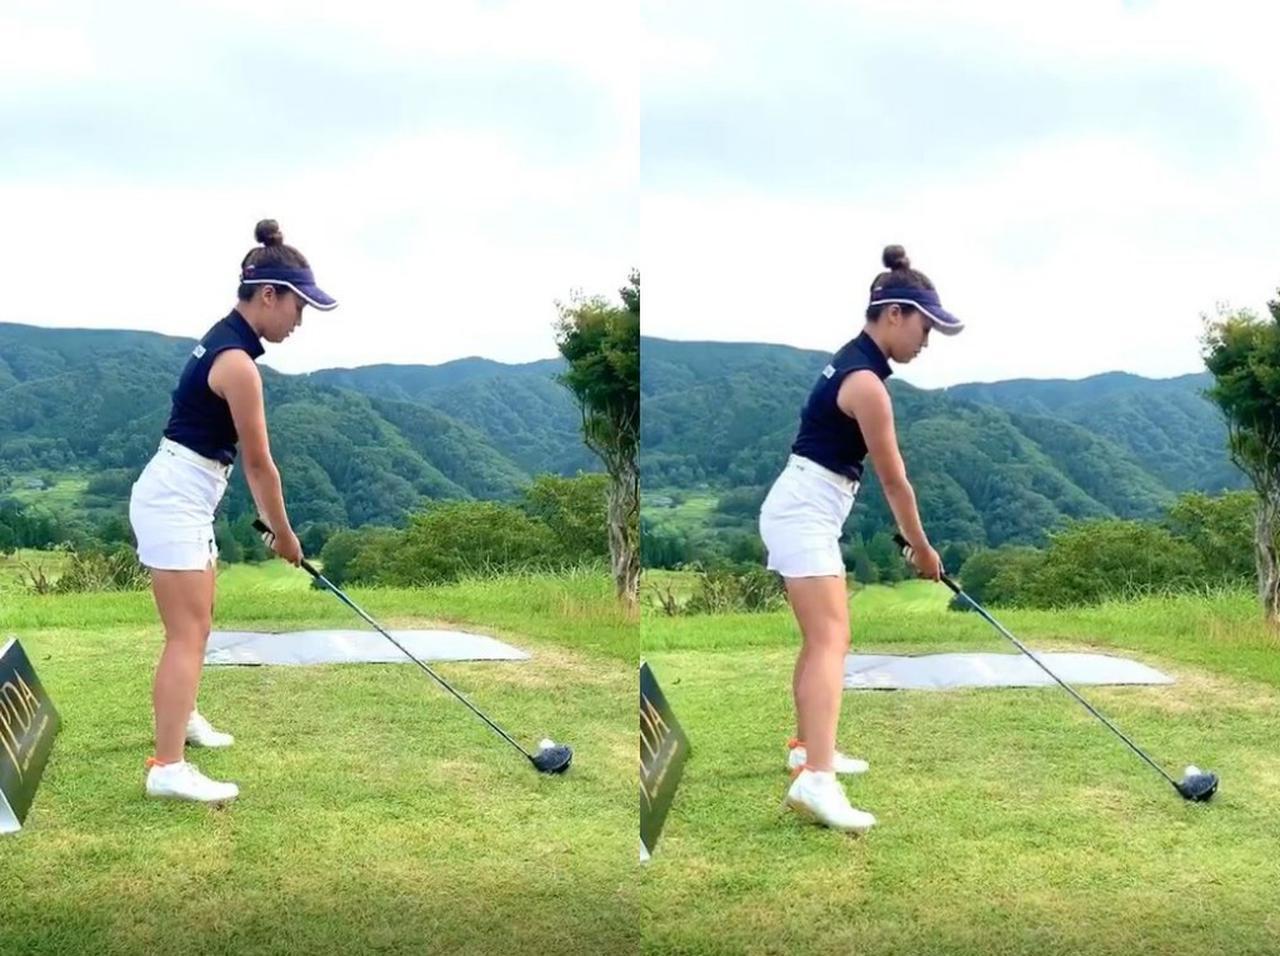 画像: 画像A:見にくいが、画像左では左かかとを上げている。その反動で右かかとを上げ、それを踏み込んで始動すると、脱力できるという